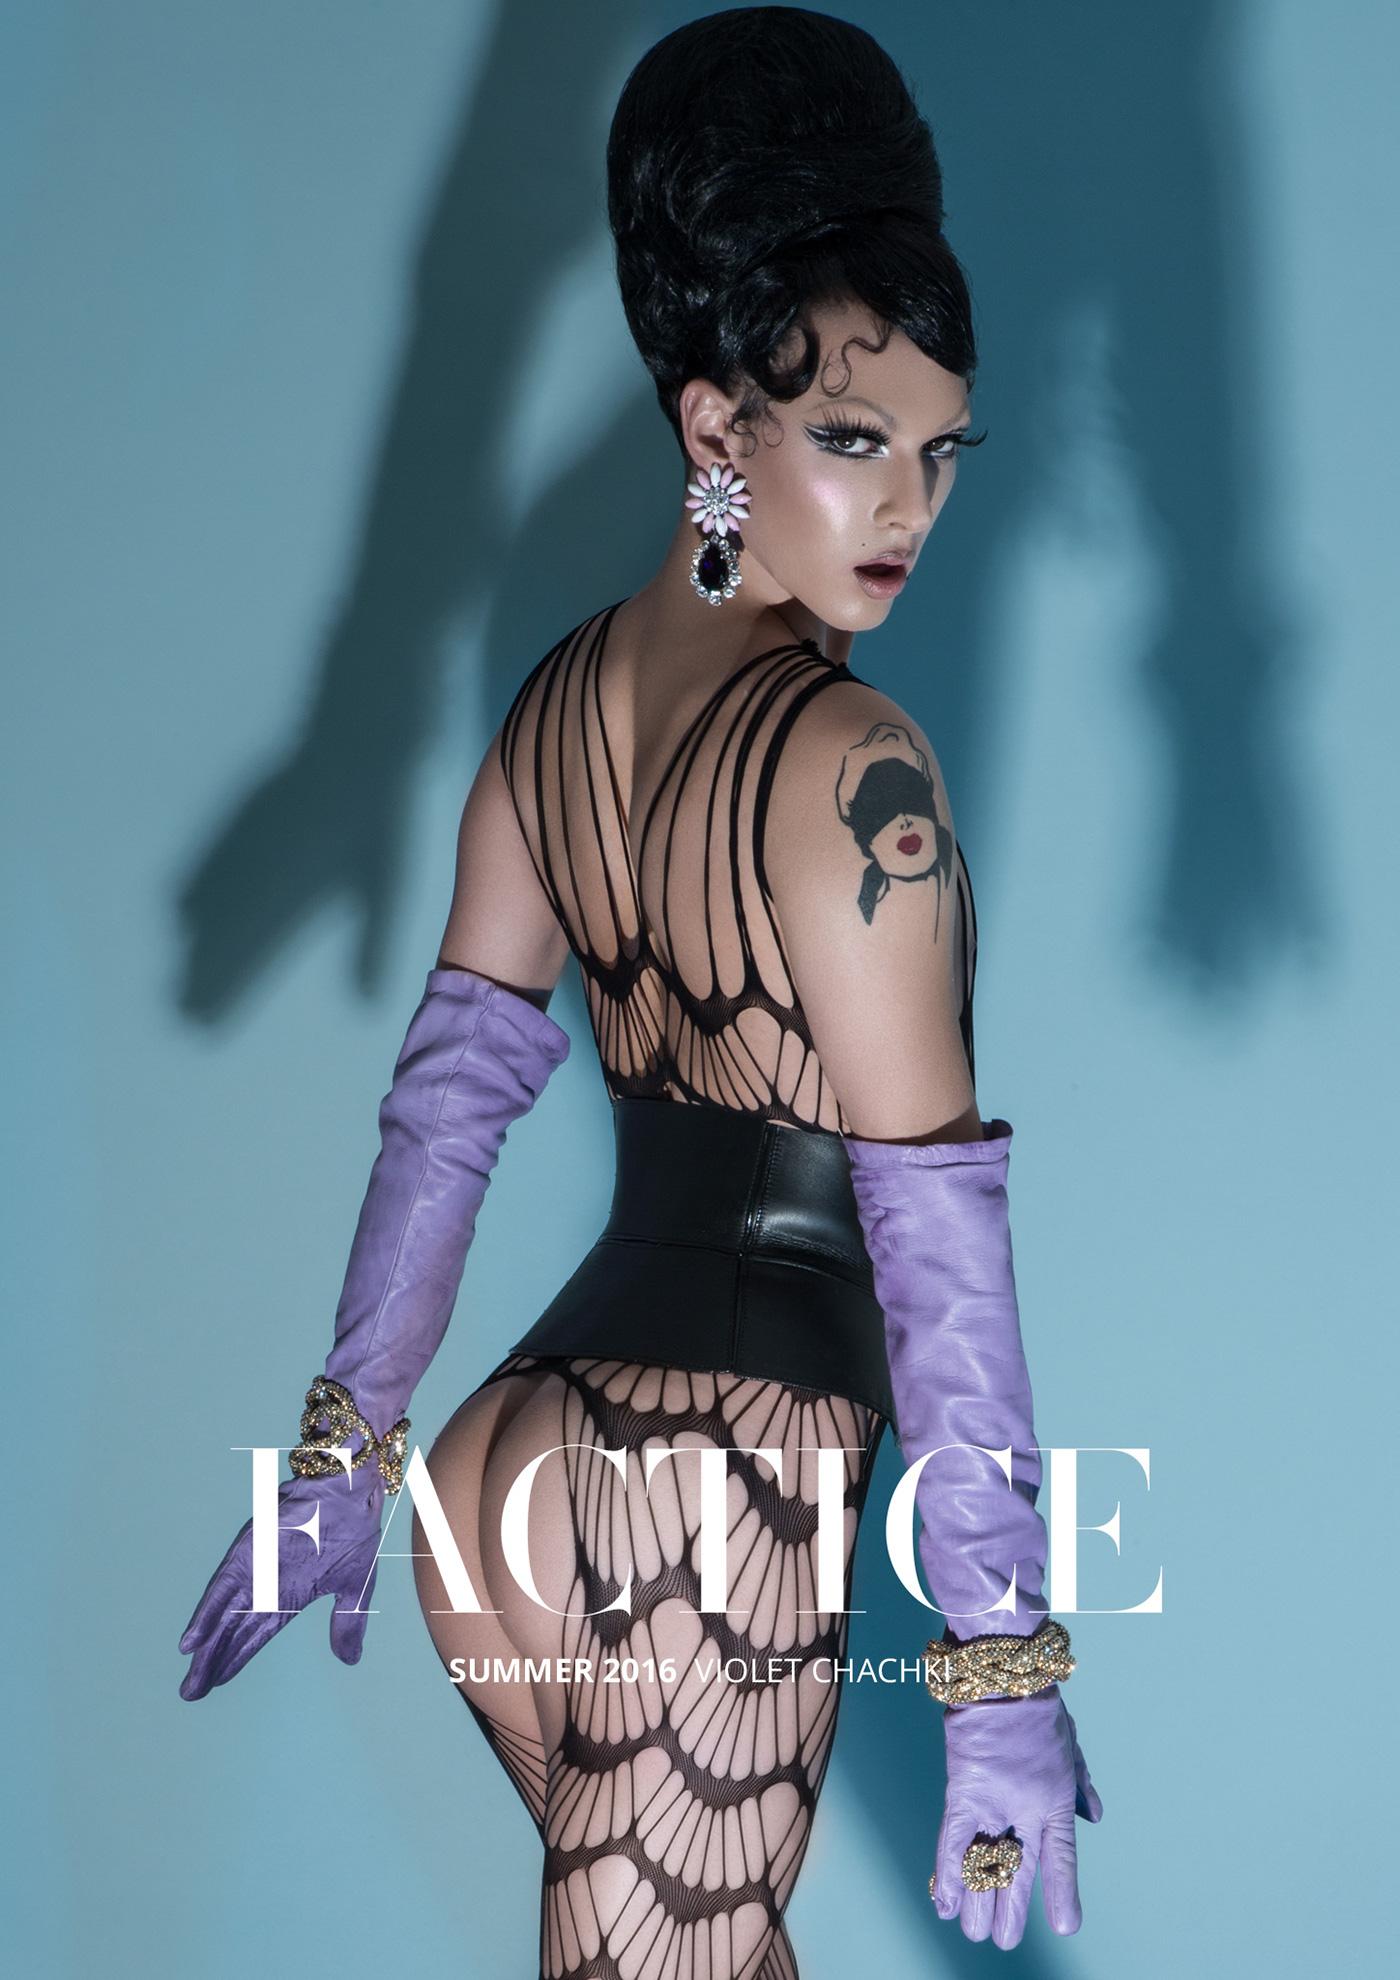 精美的22張時尚雜誌封面欣賞